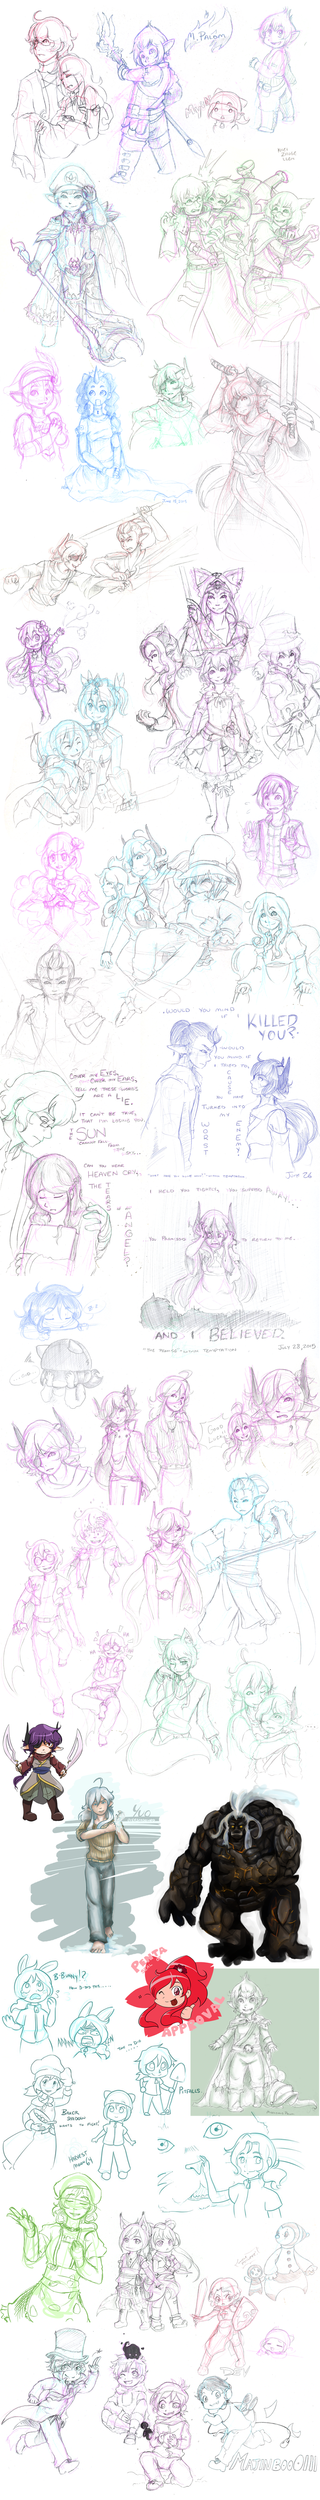 Sketchdump Sept 2015 by Overshadowed